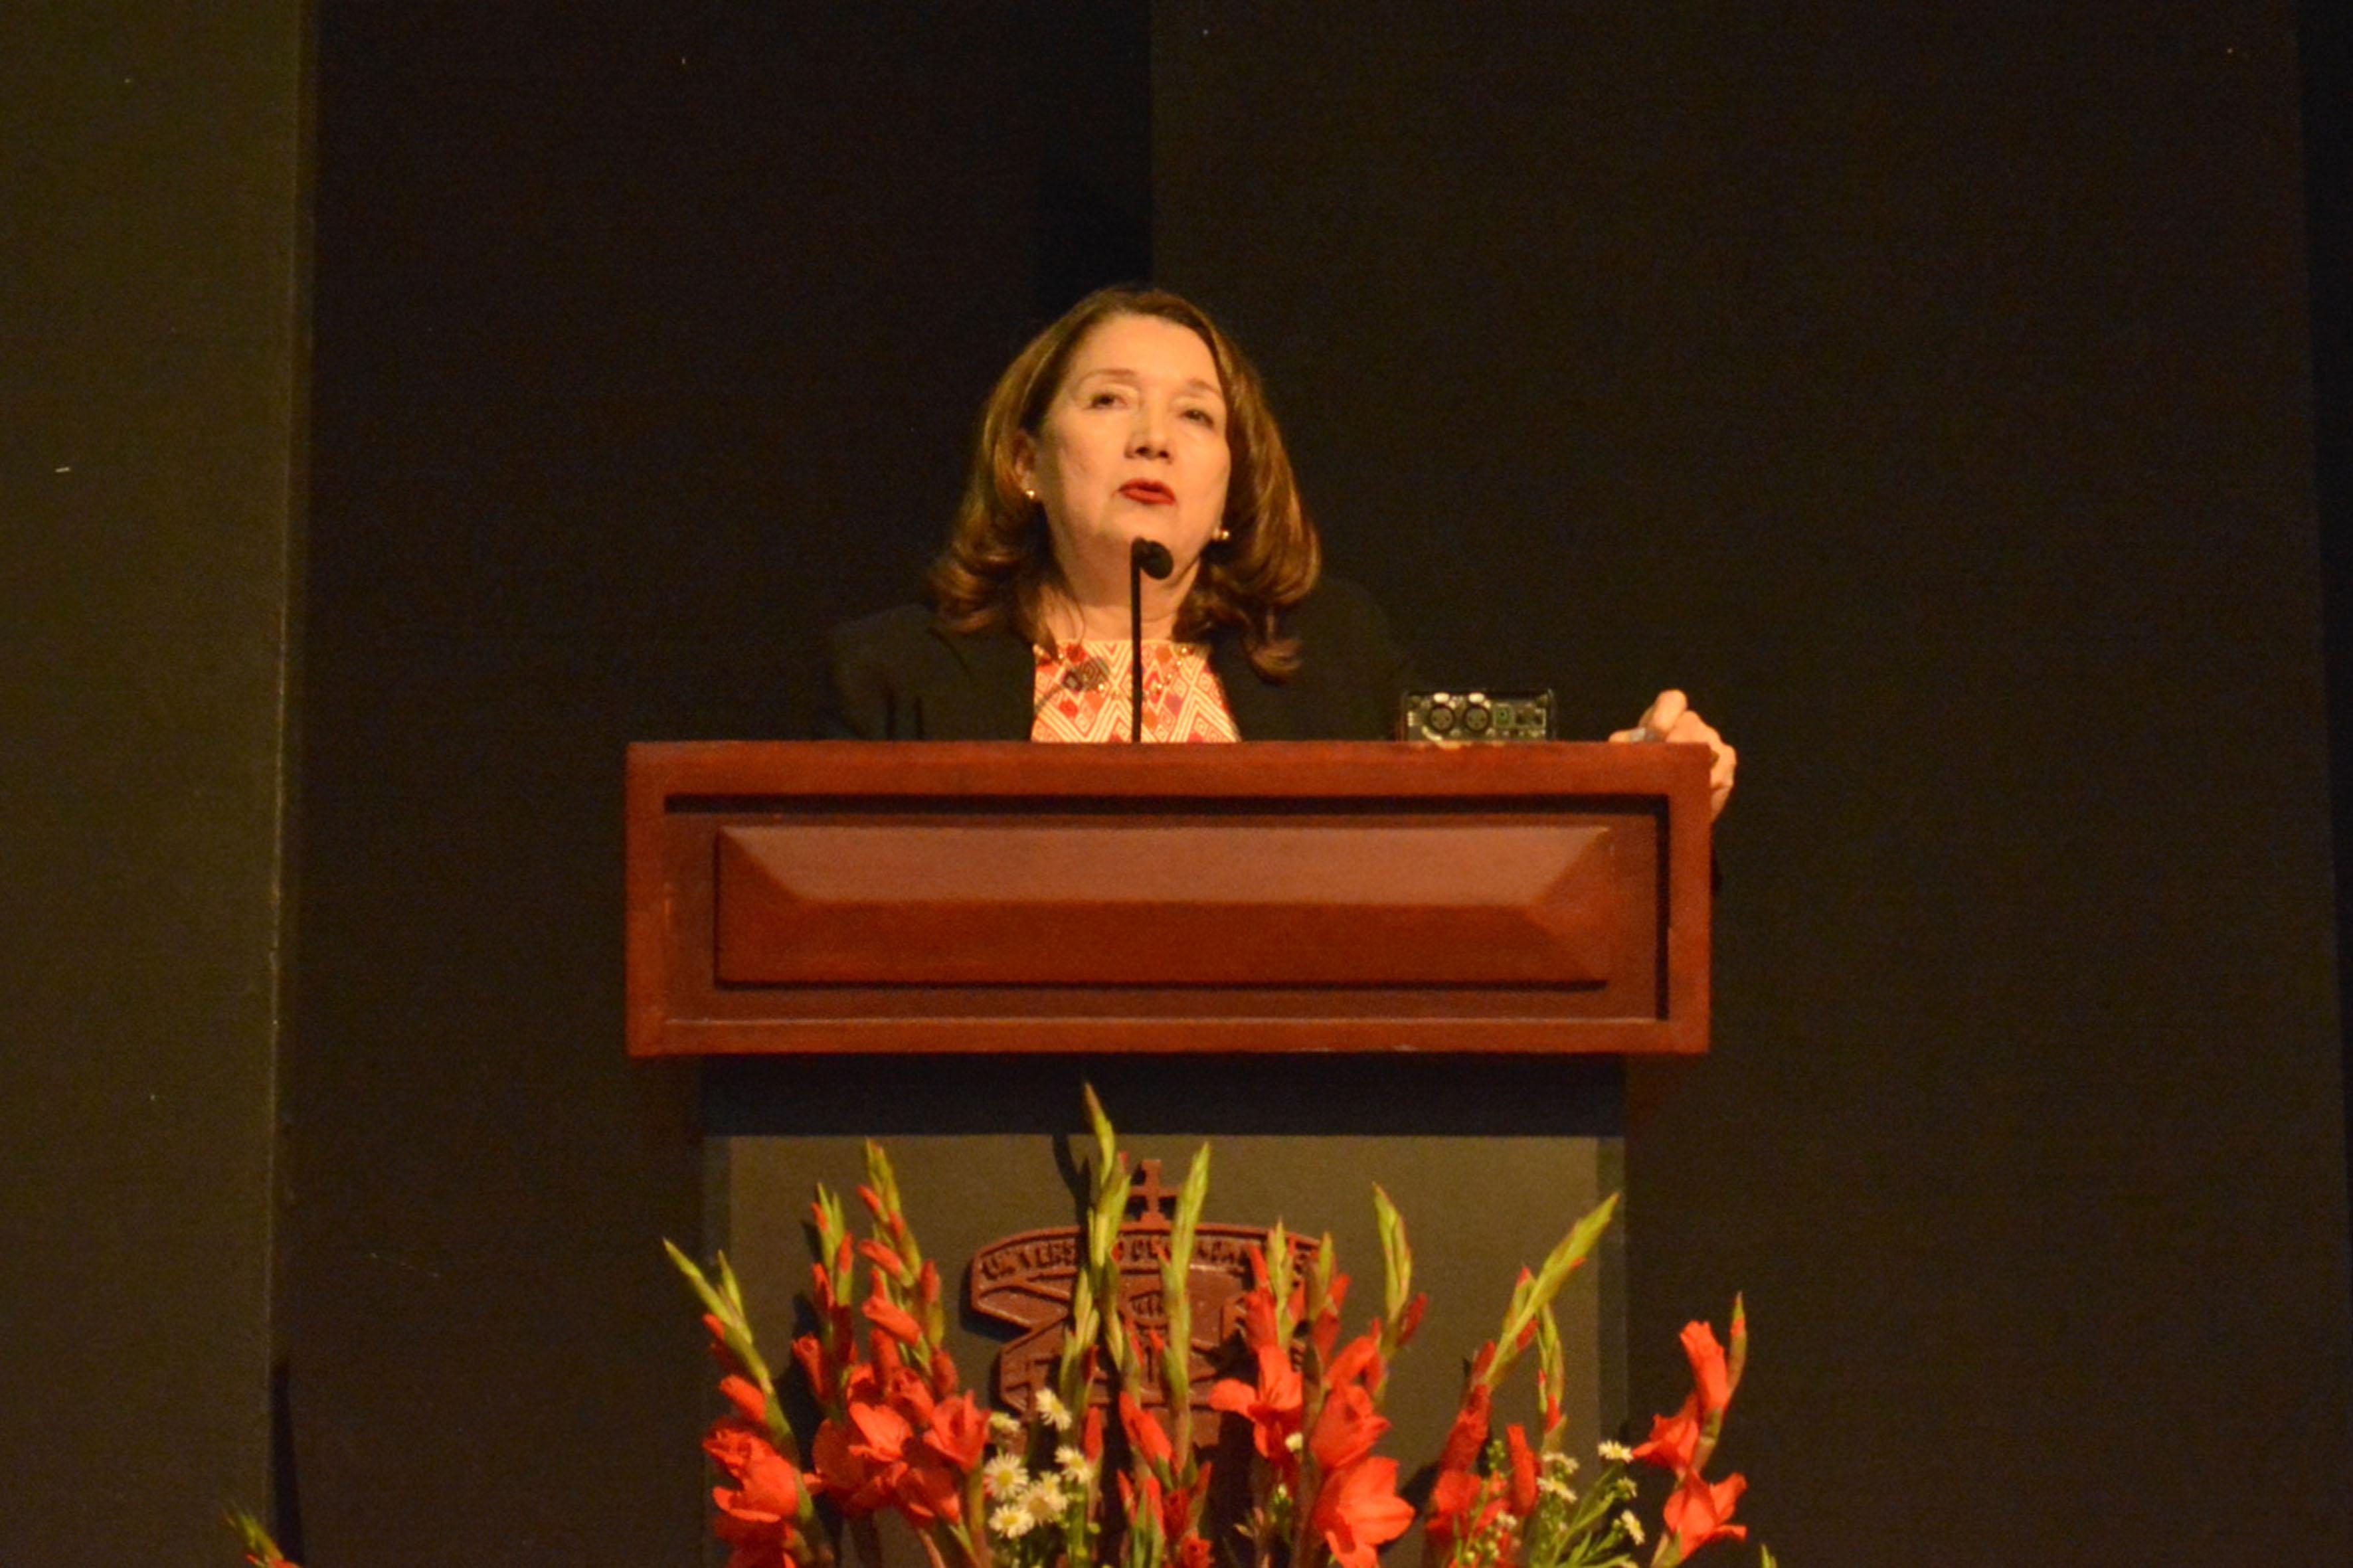 Doctora Lilia Victoria Oliver Sánchez, Rectora del CUCSur, en podium haciendo uso de la palabra, durante acto protocolario.